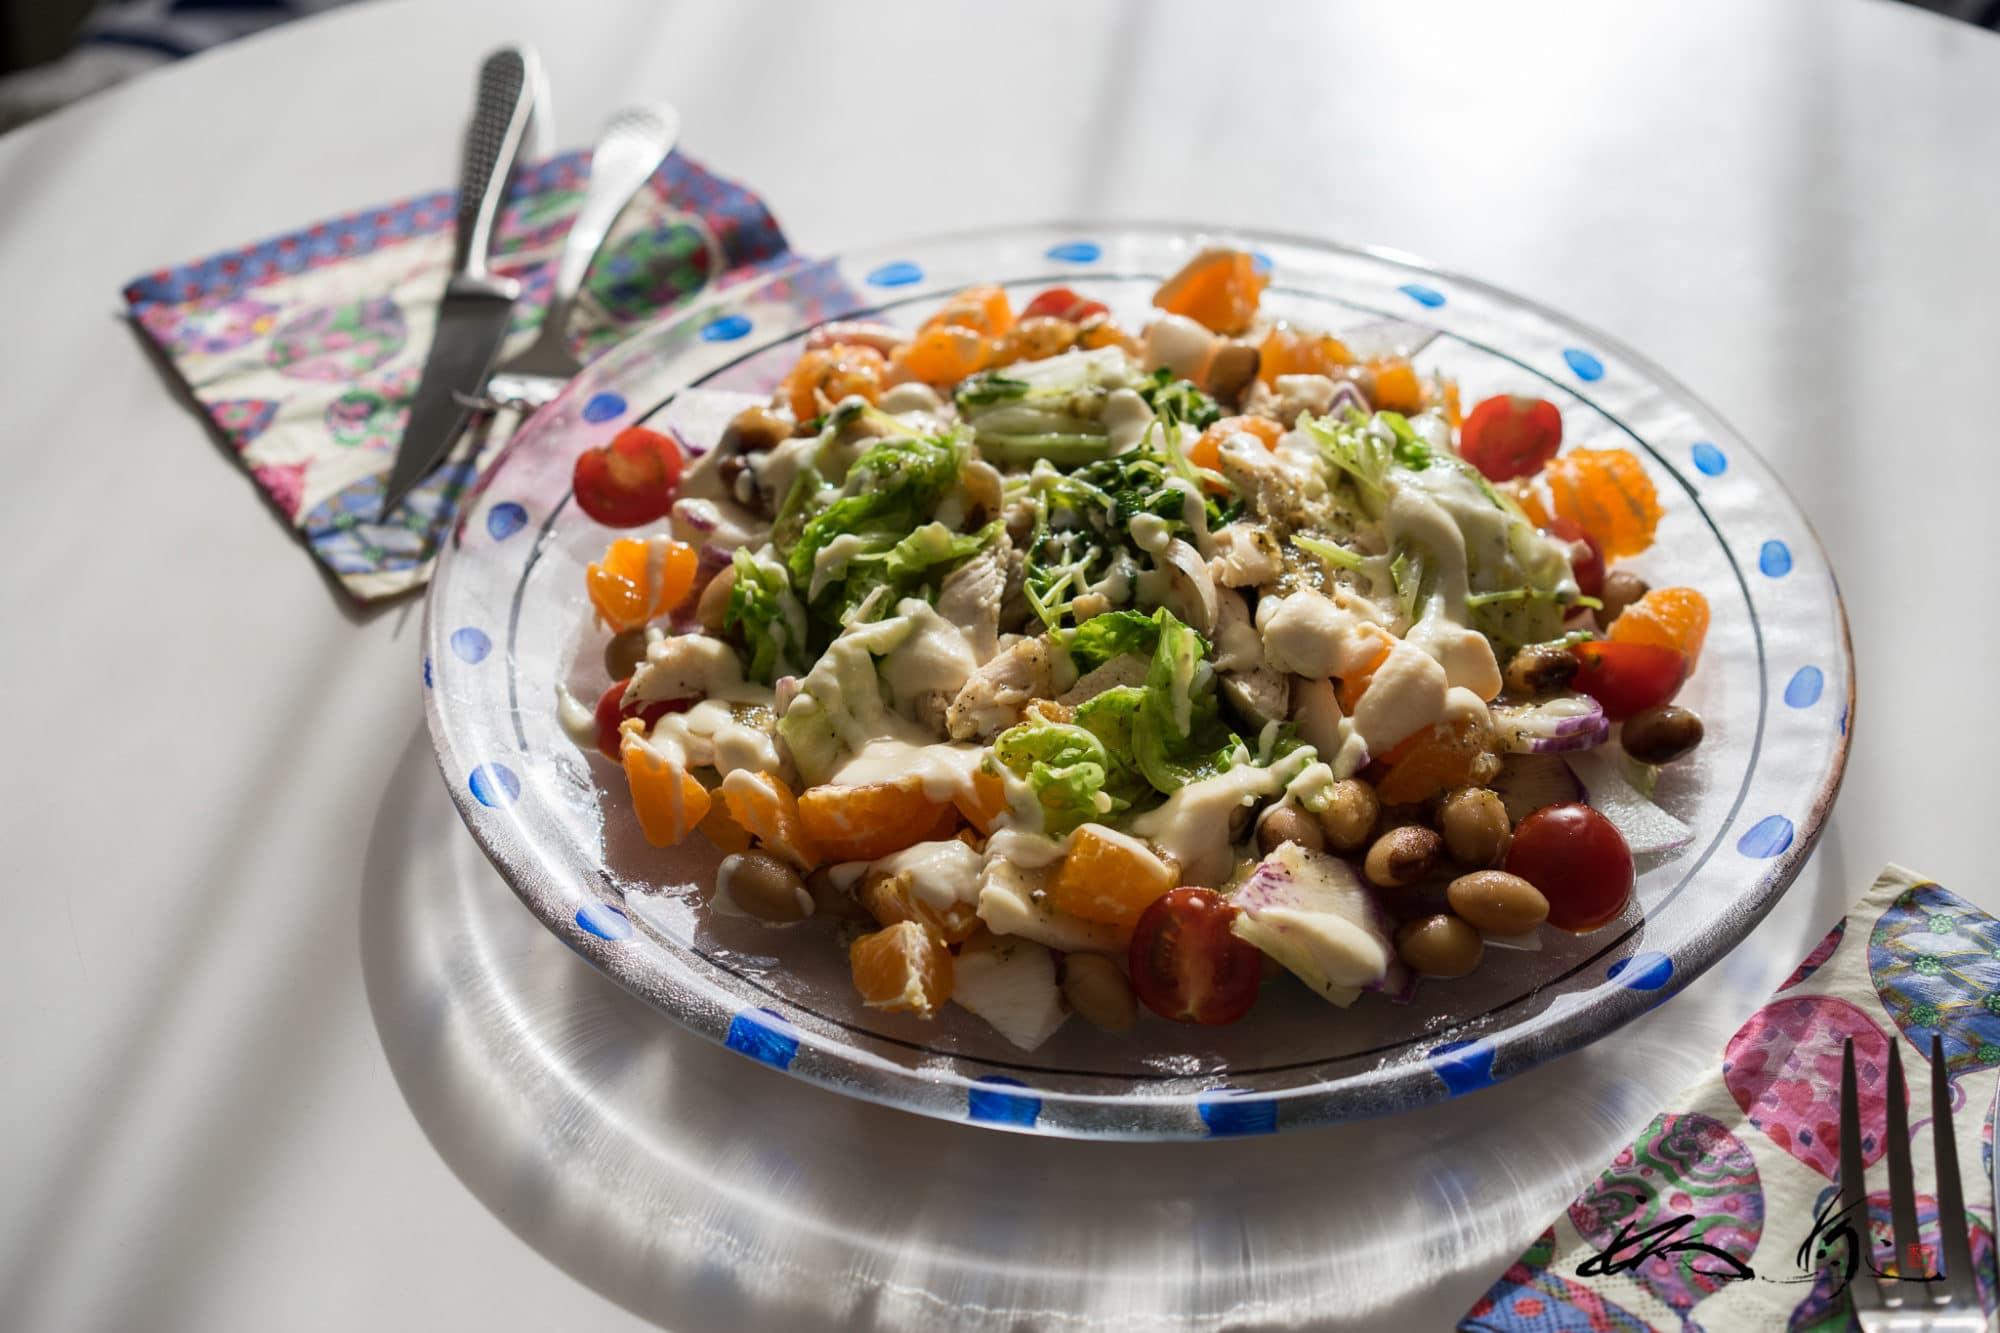 パワーサラダ・白菜と鶏ささみのサラダ:食事編(7)腸内フローラバランス